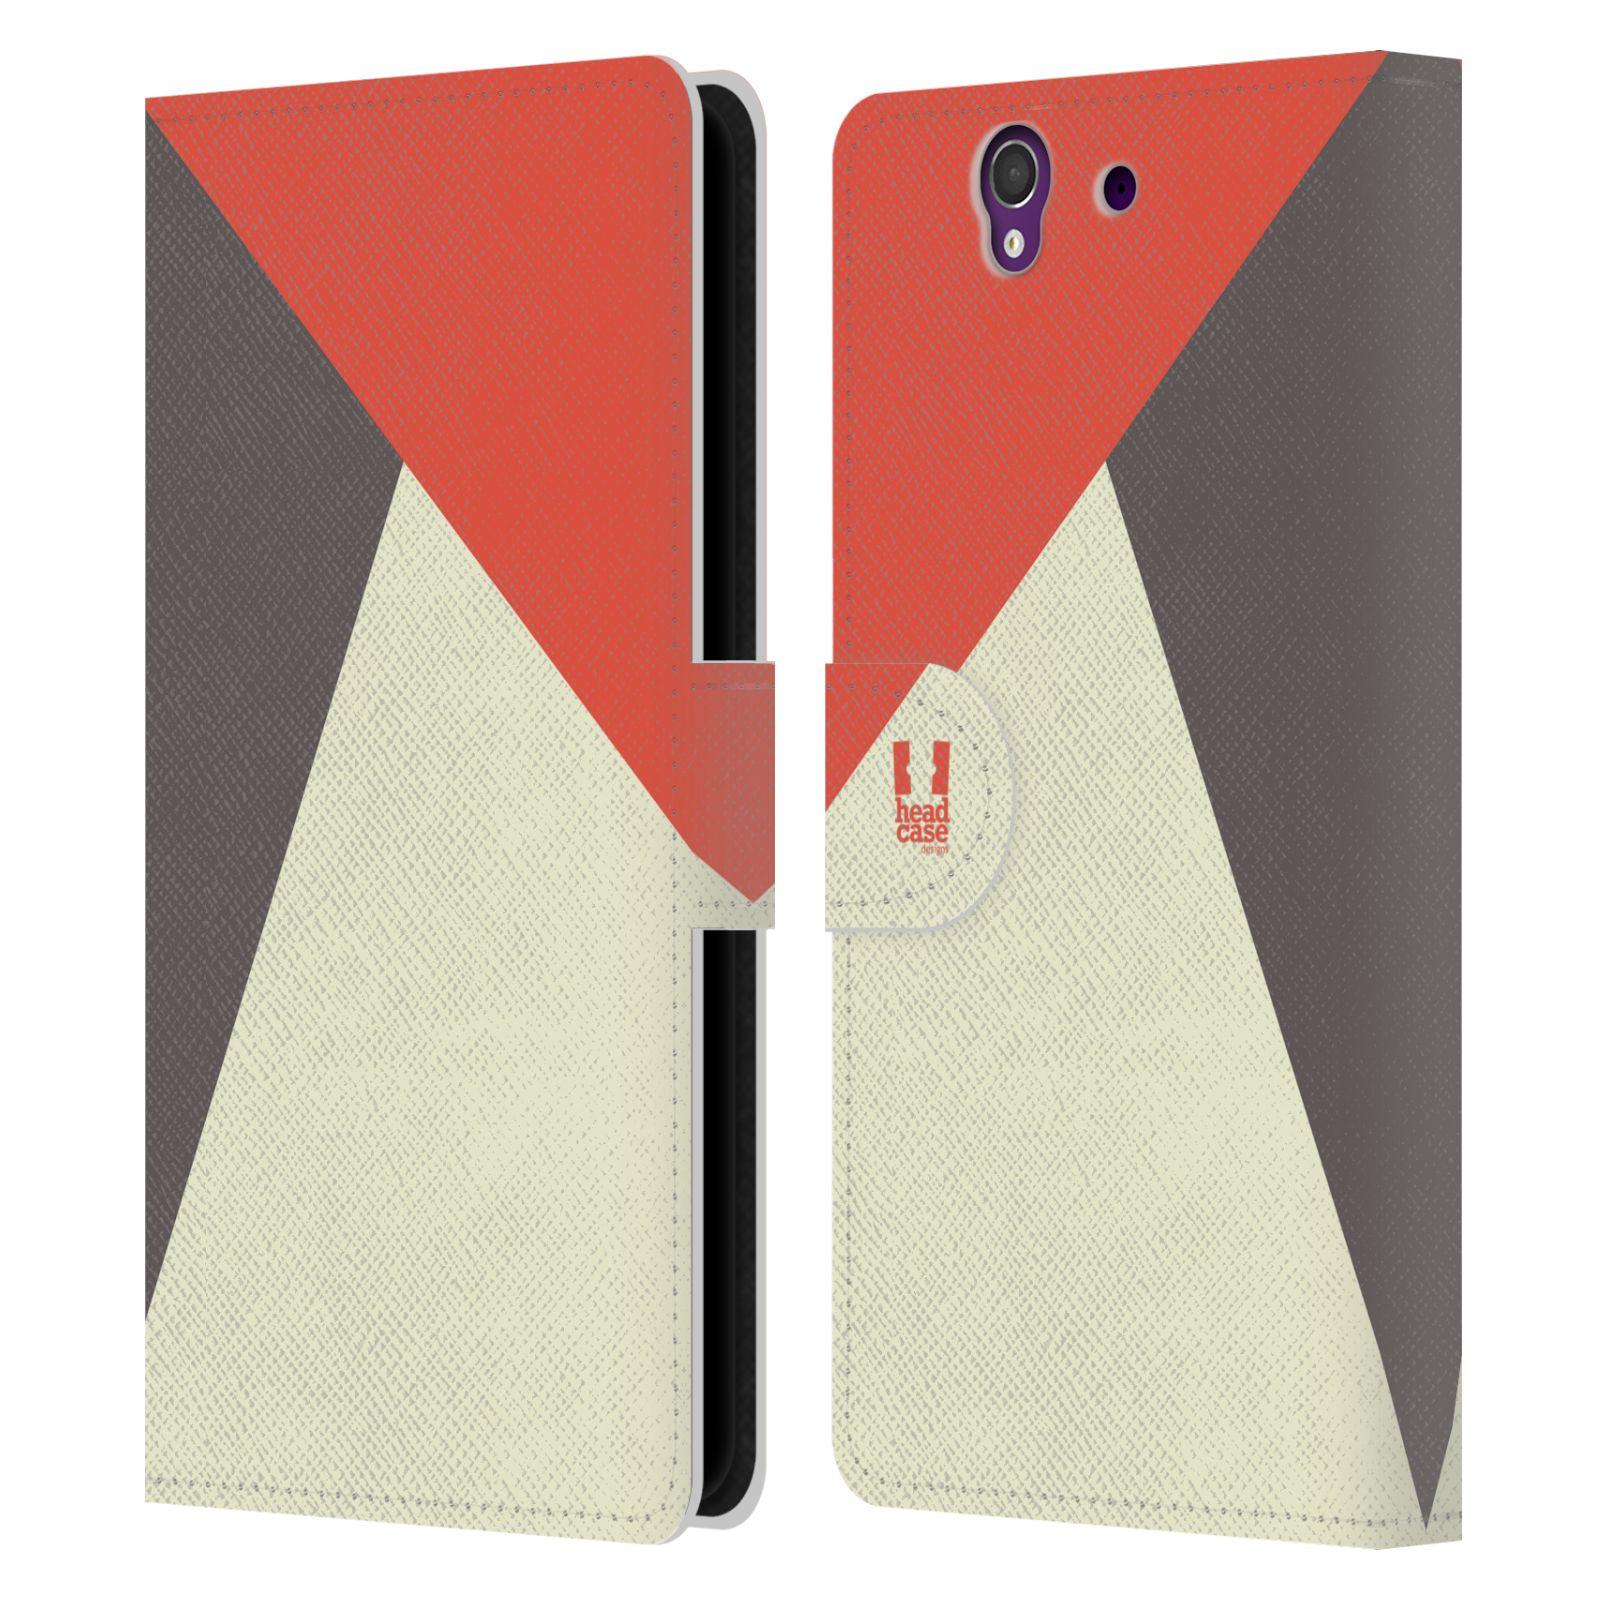 HEAD CASE Flipové pouzdro pro mobil SONY Xperia Z barevné tvary červená a šedá COOL